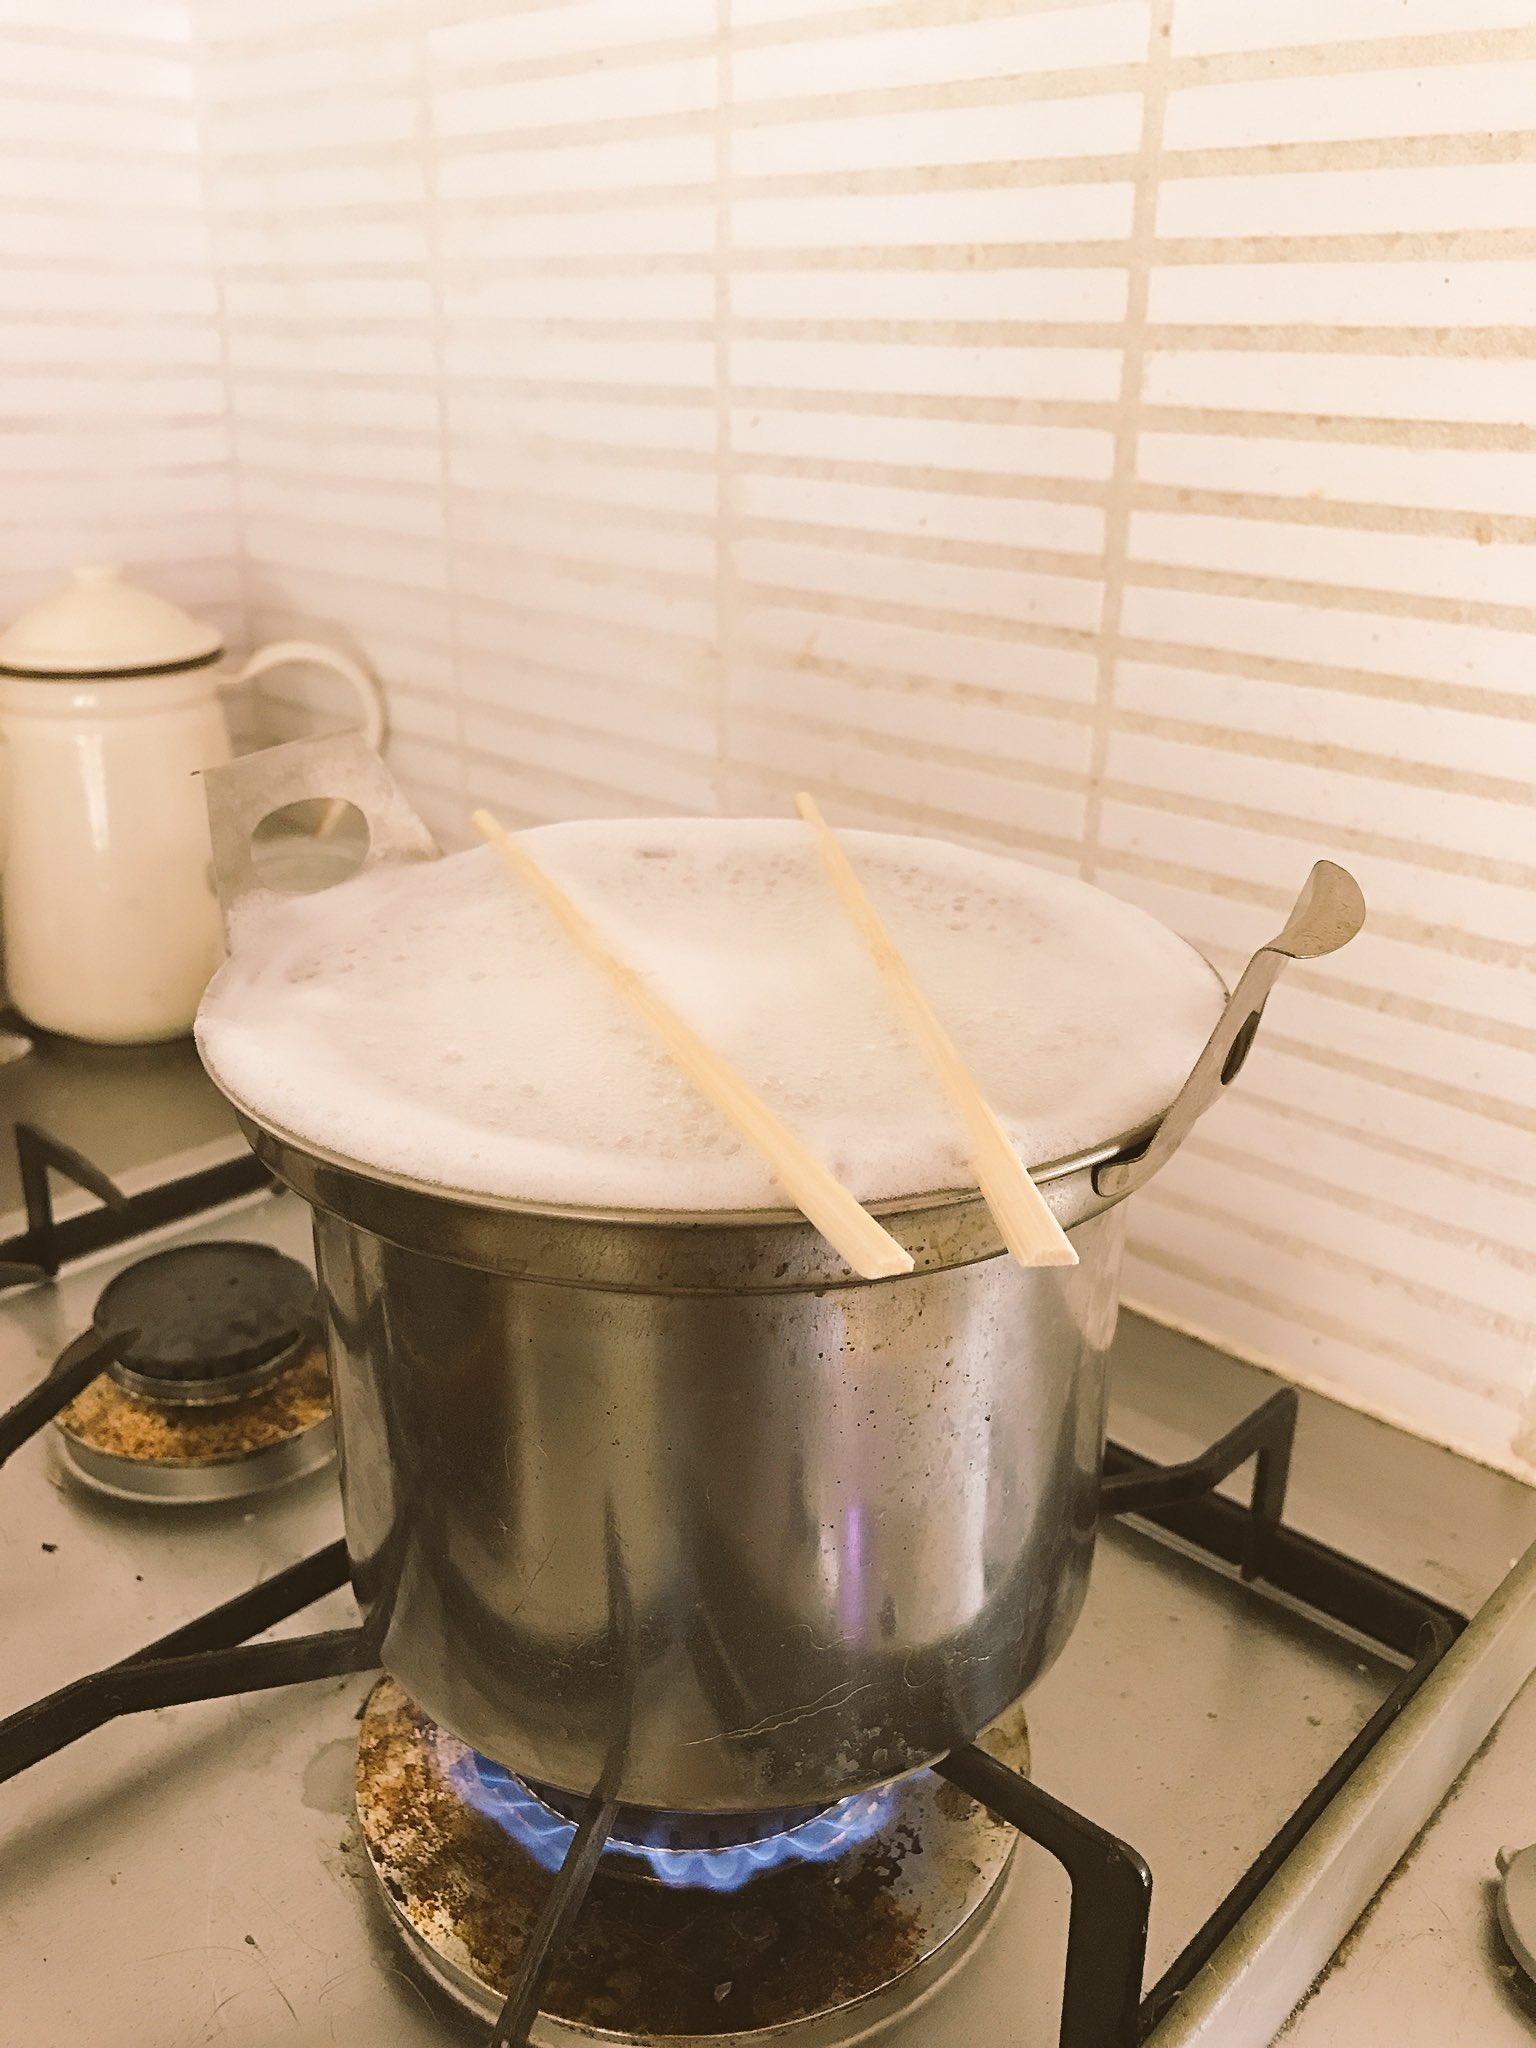 麺を煮るときこうすると吹きこぼれないって聞いてやったらほんとに吹きこぼれなかった